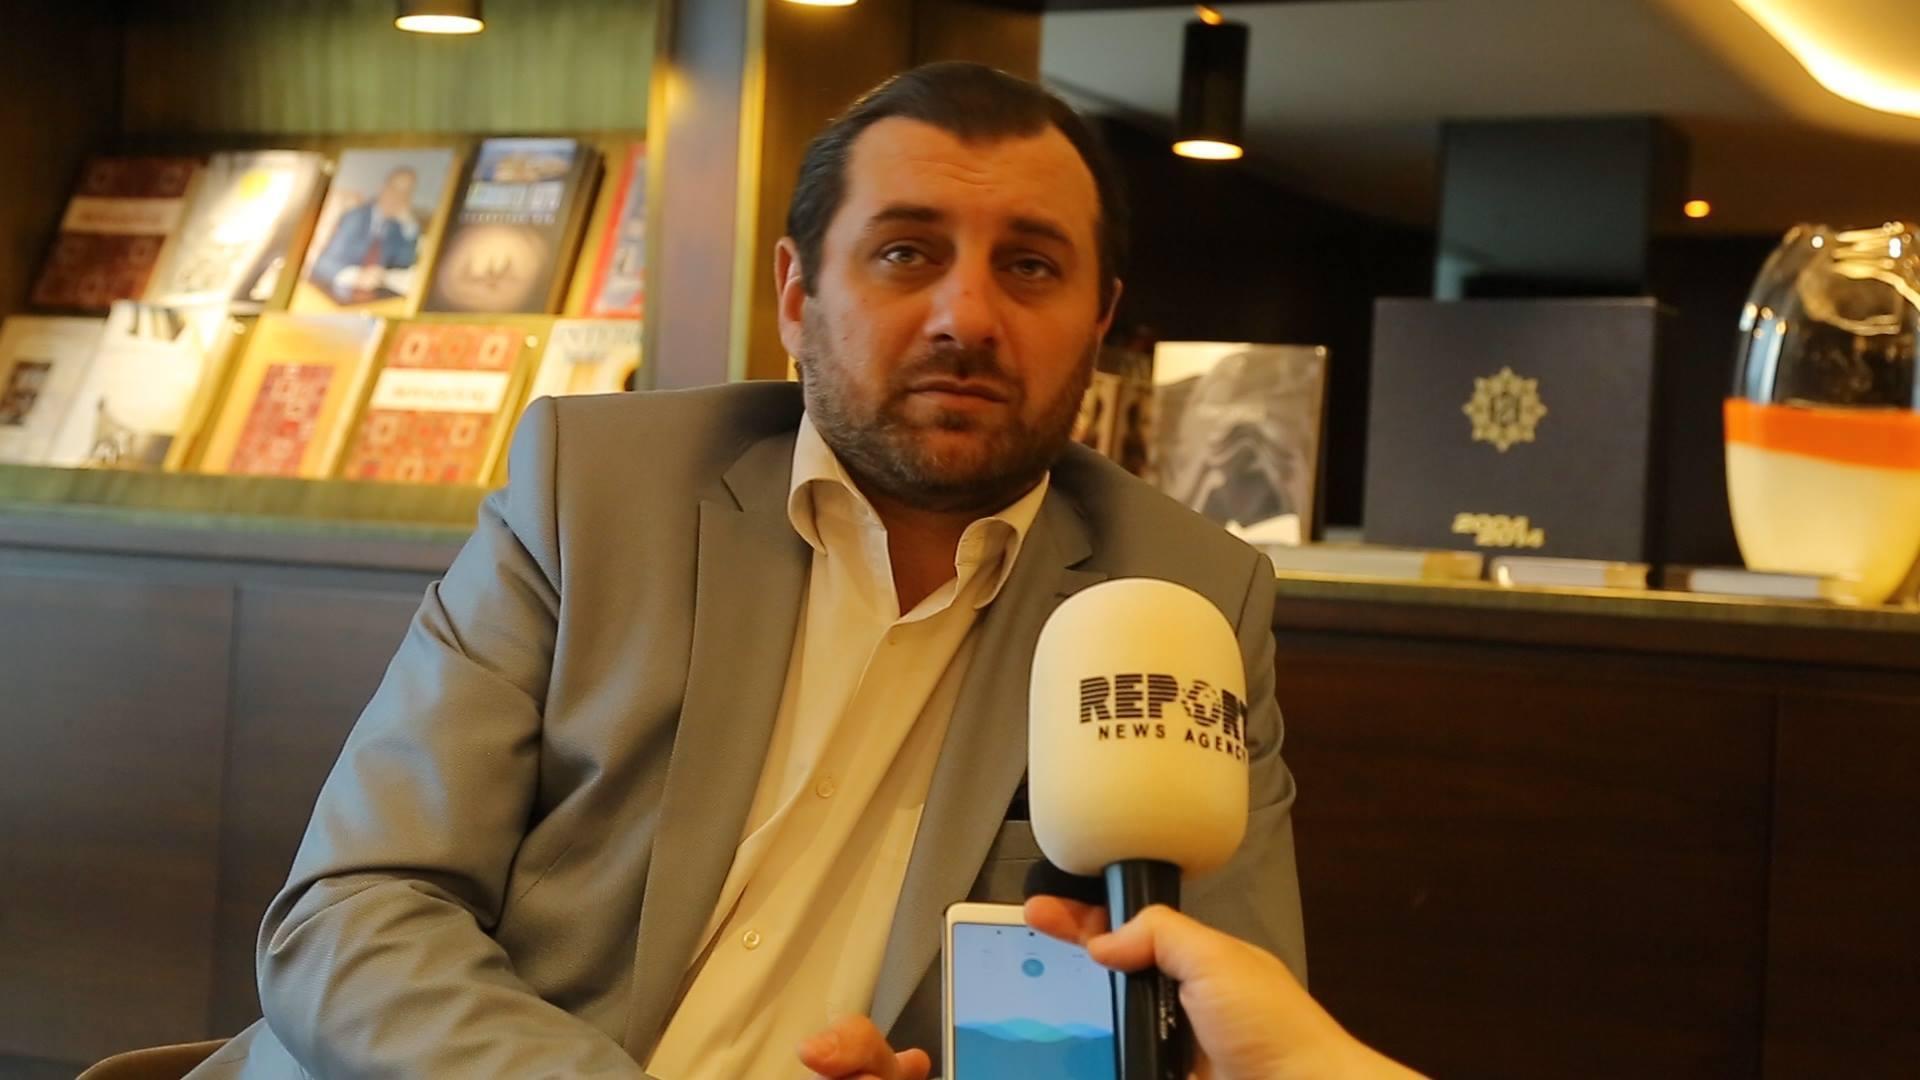 Мэр столицы Ингушетии: Азербайджан развивается благодаря руководству президента Ильхама Алиева - ВИДЕО